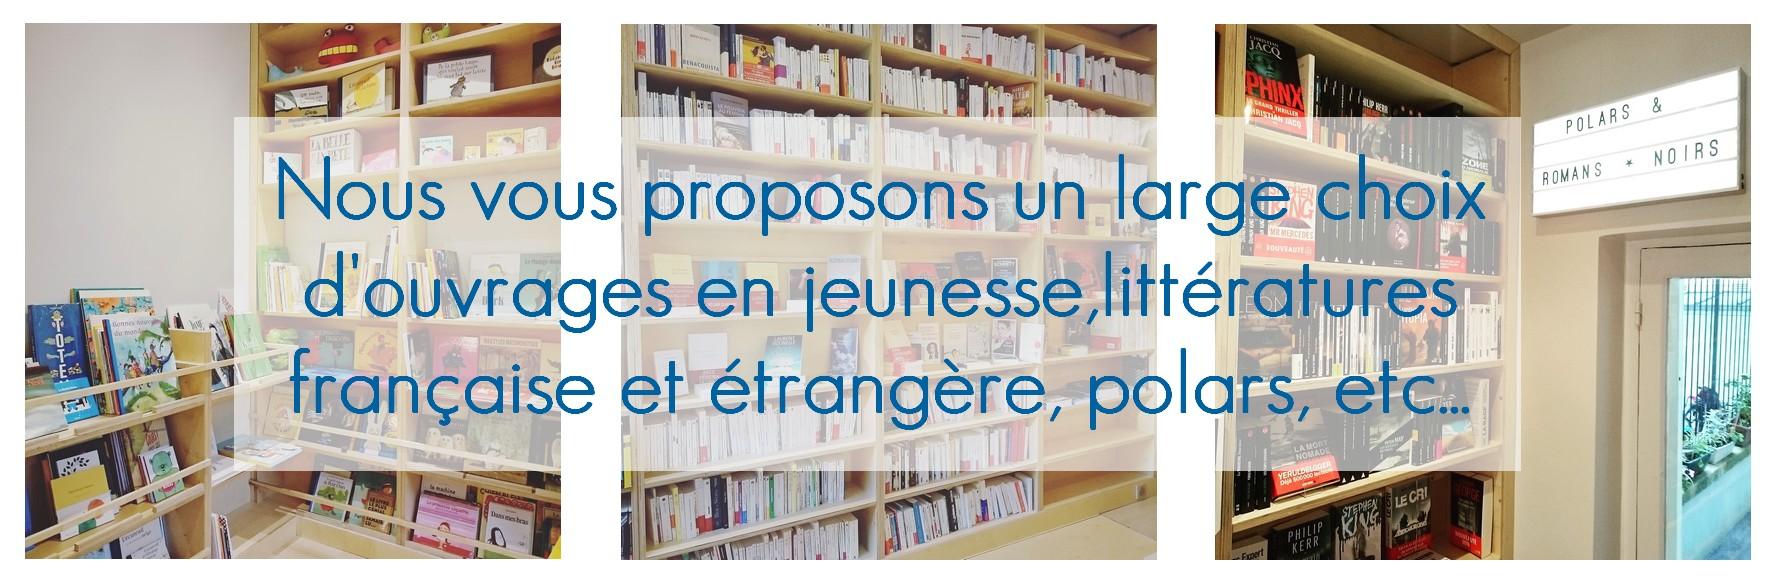 L'assortiment - Librairie Paris 17 qaurtier Pereire Terne Maillot Champerret